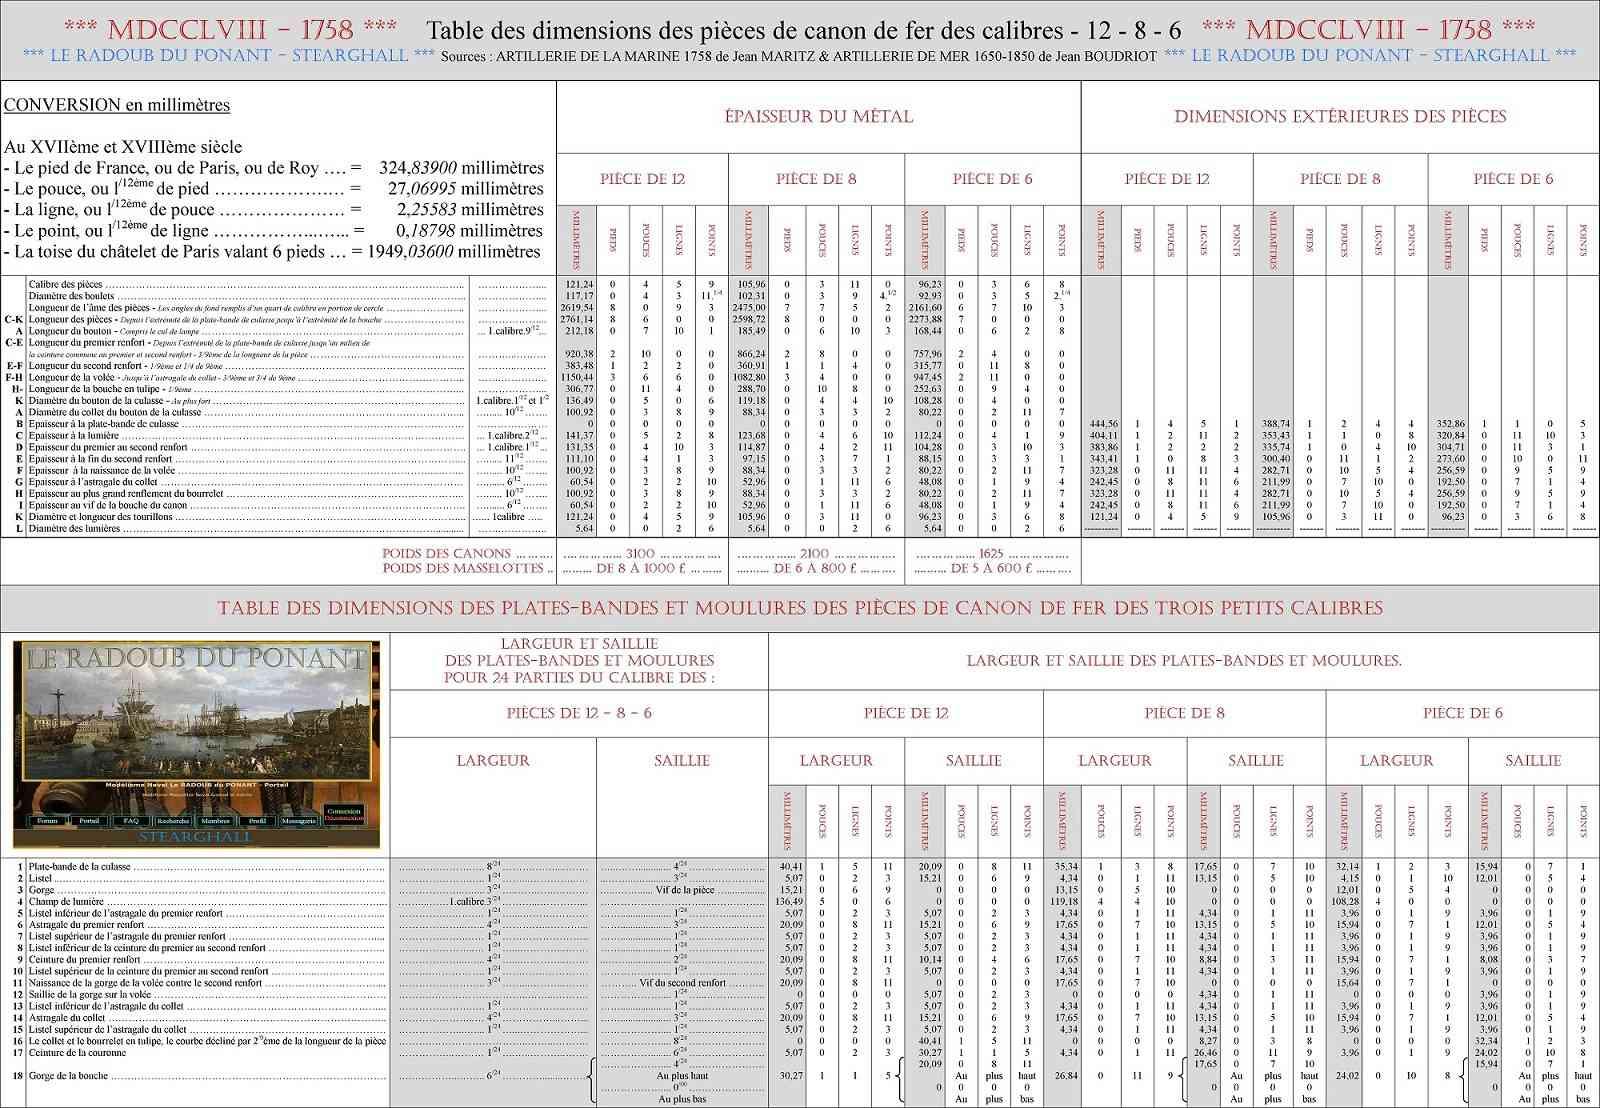 XVII et XVIII siècle - France - Tableaux des dimensions des canons de fer de calibre 12, 8 et 6 Dimens13